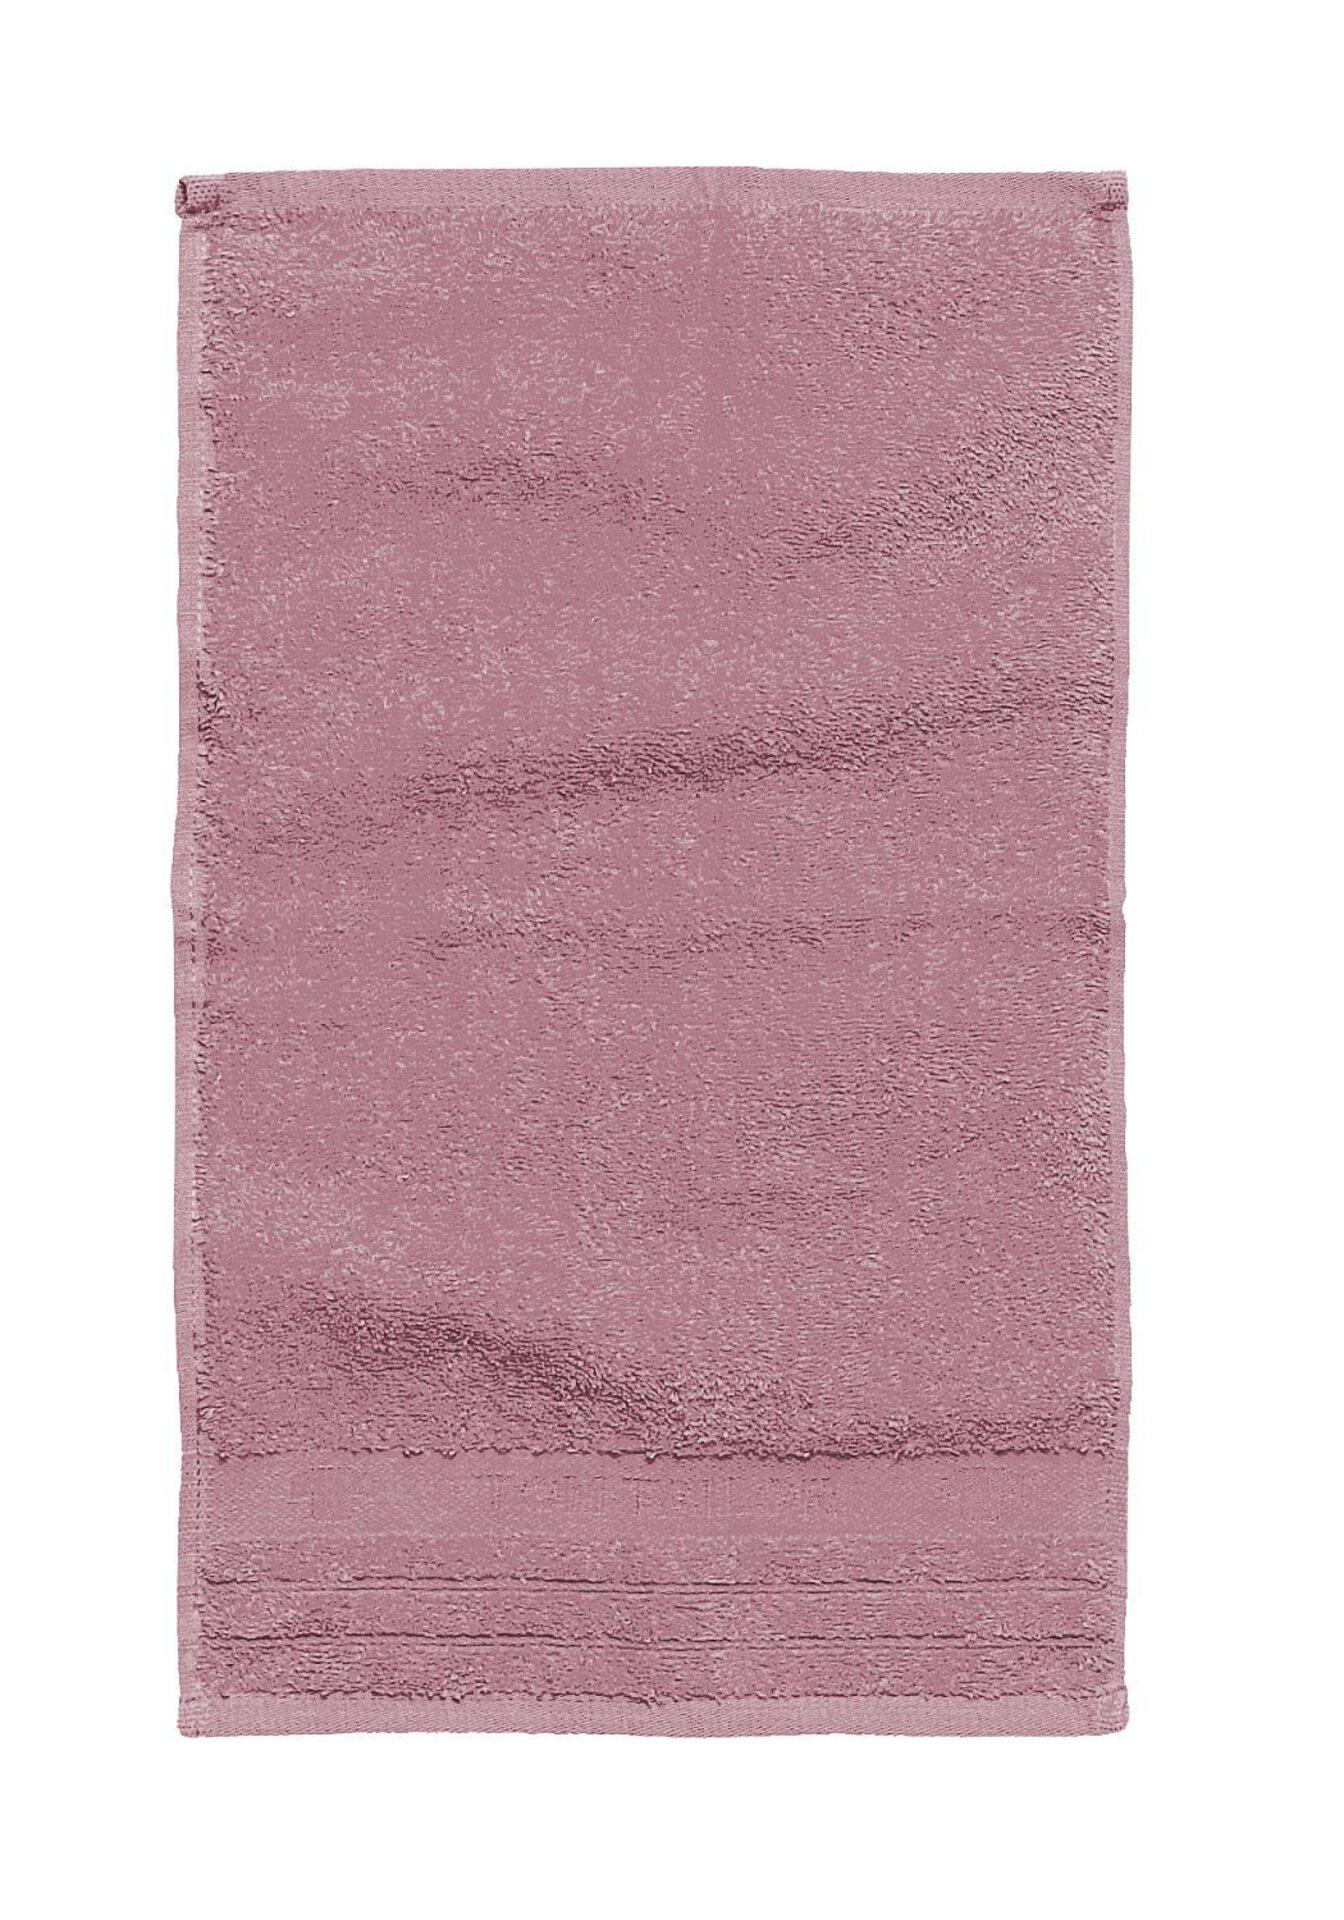 Duschtuch Uni Towel Tom Tailor Textil lila 70 x 140 cm